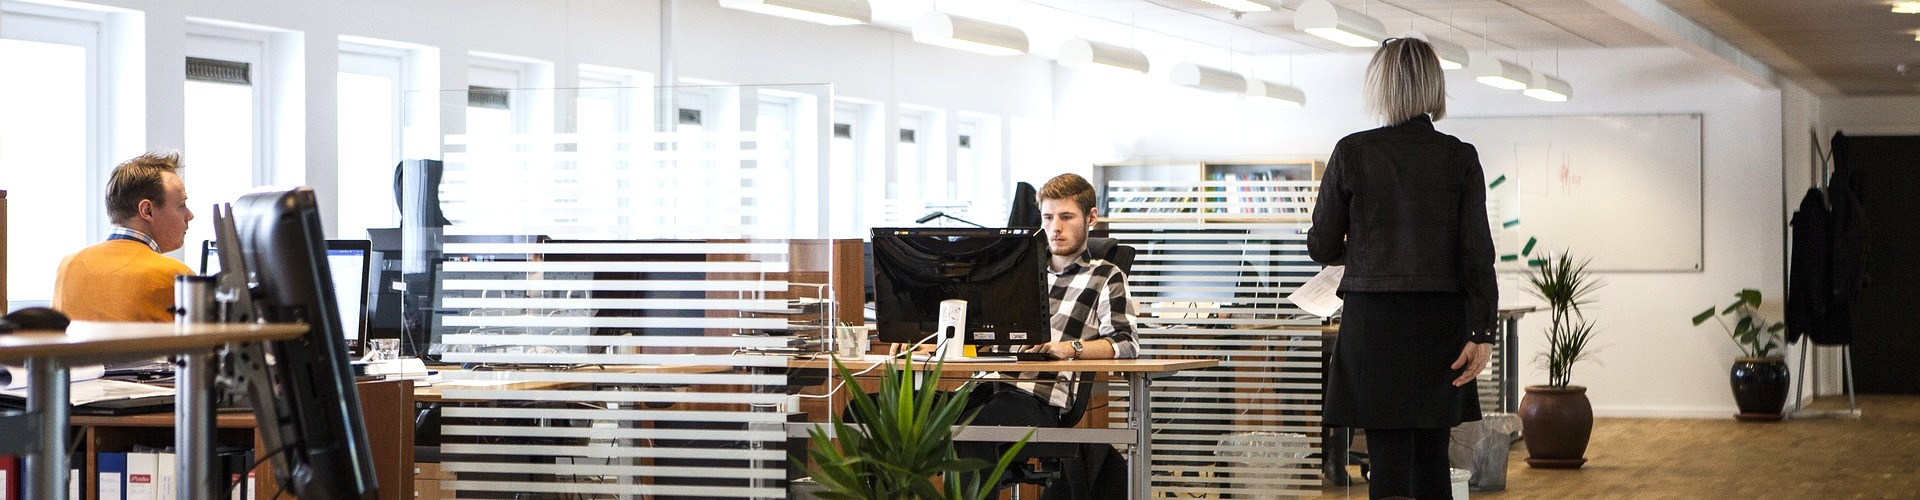 Arbejde i udlandet: Undslippe kontoret